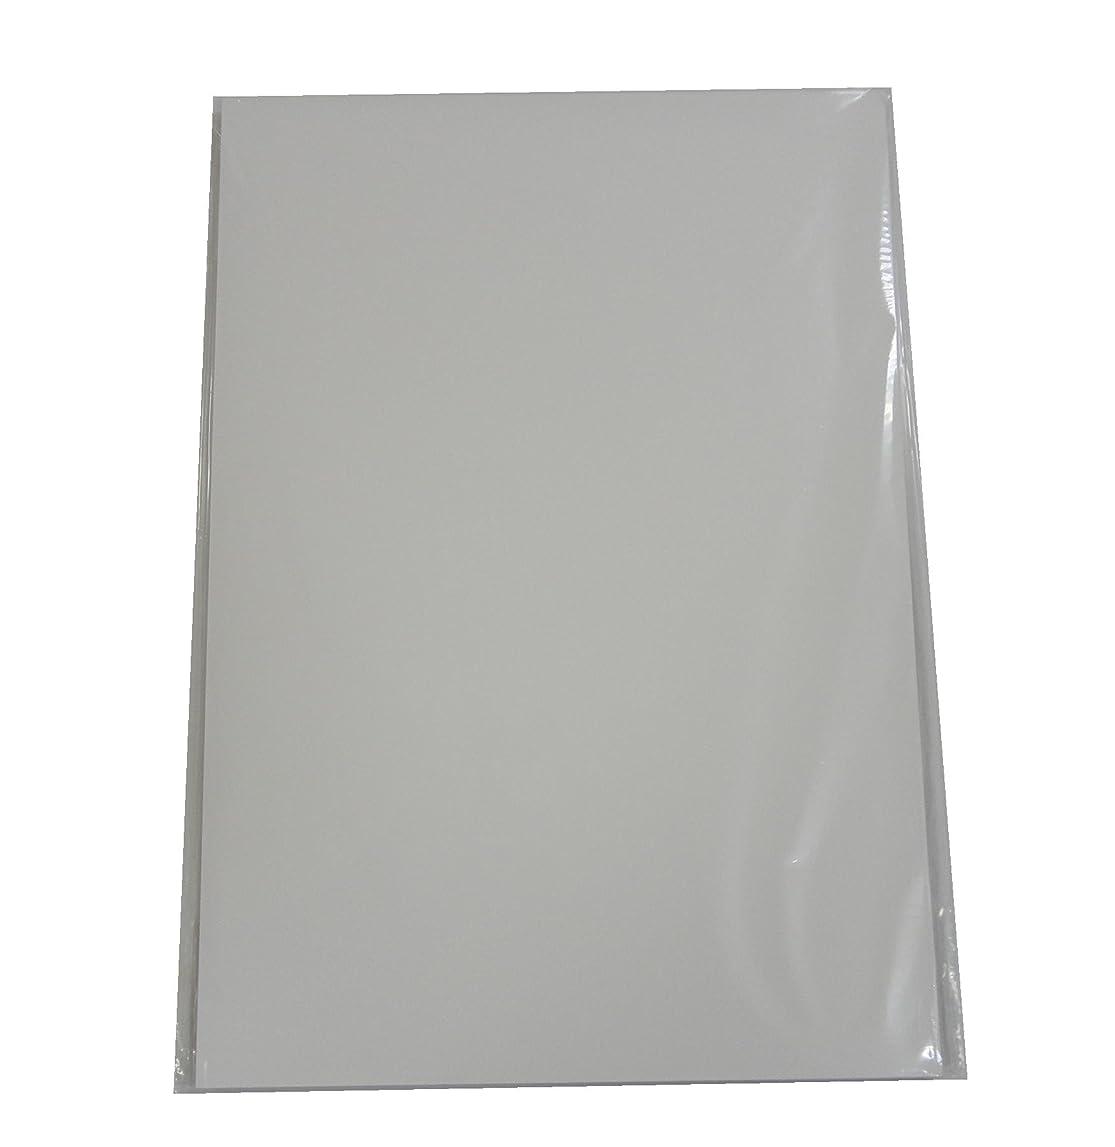 政令免疫パッチ版画用紙 鳥の子紙はがき 耳付 並製 白 100枚組 サイズ:約150×100mm